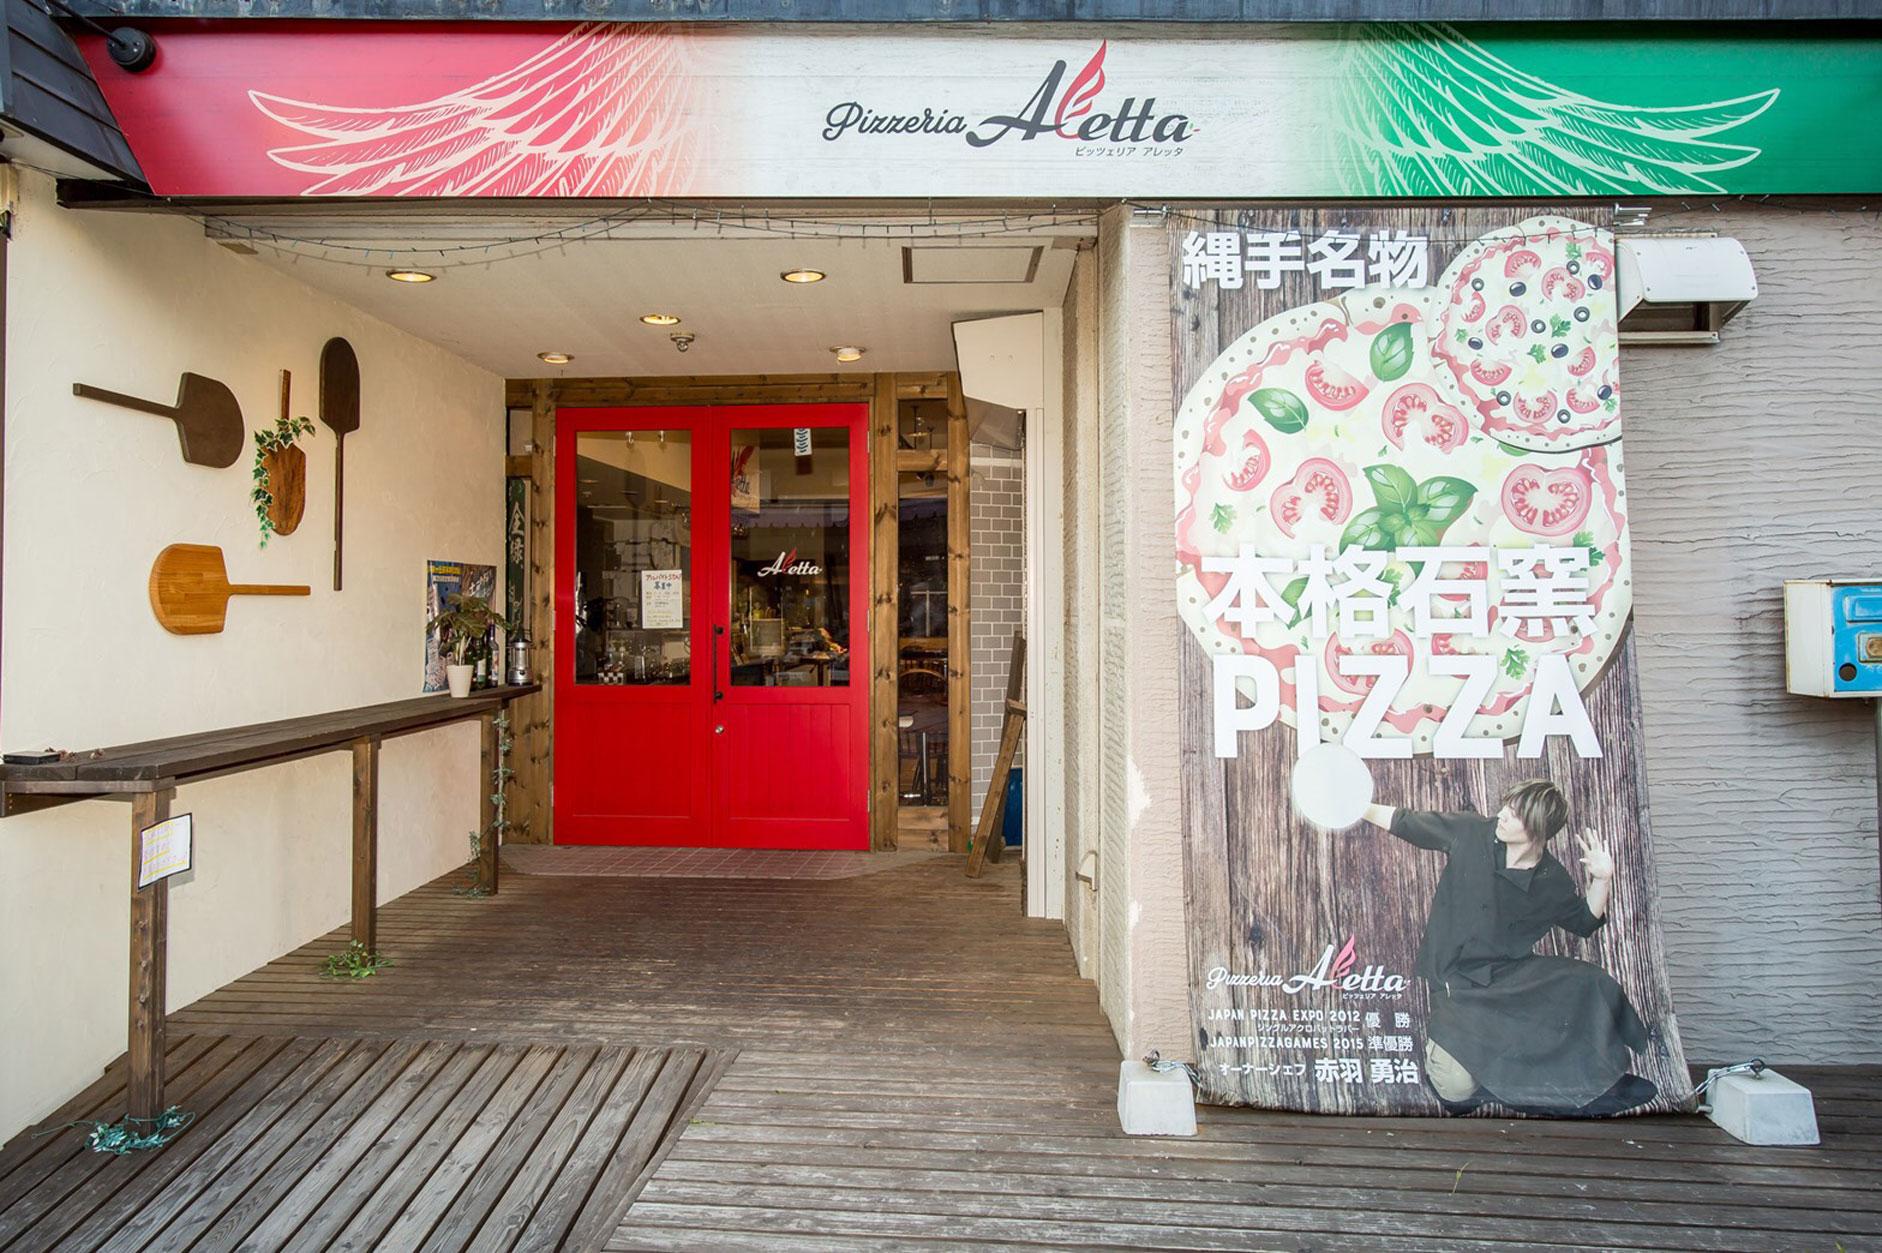 ナワテ通りに面した店舗。赤い扉が目印です